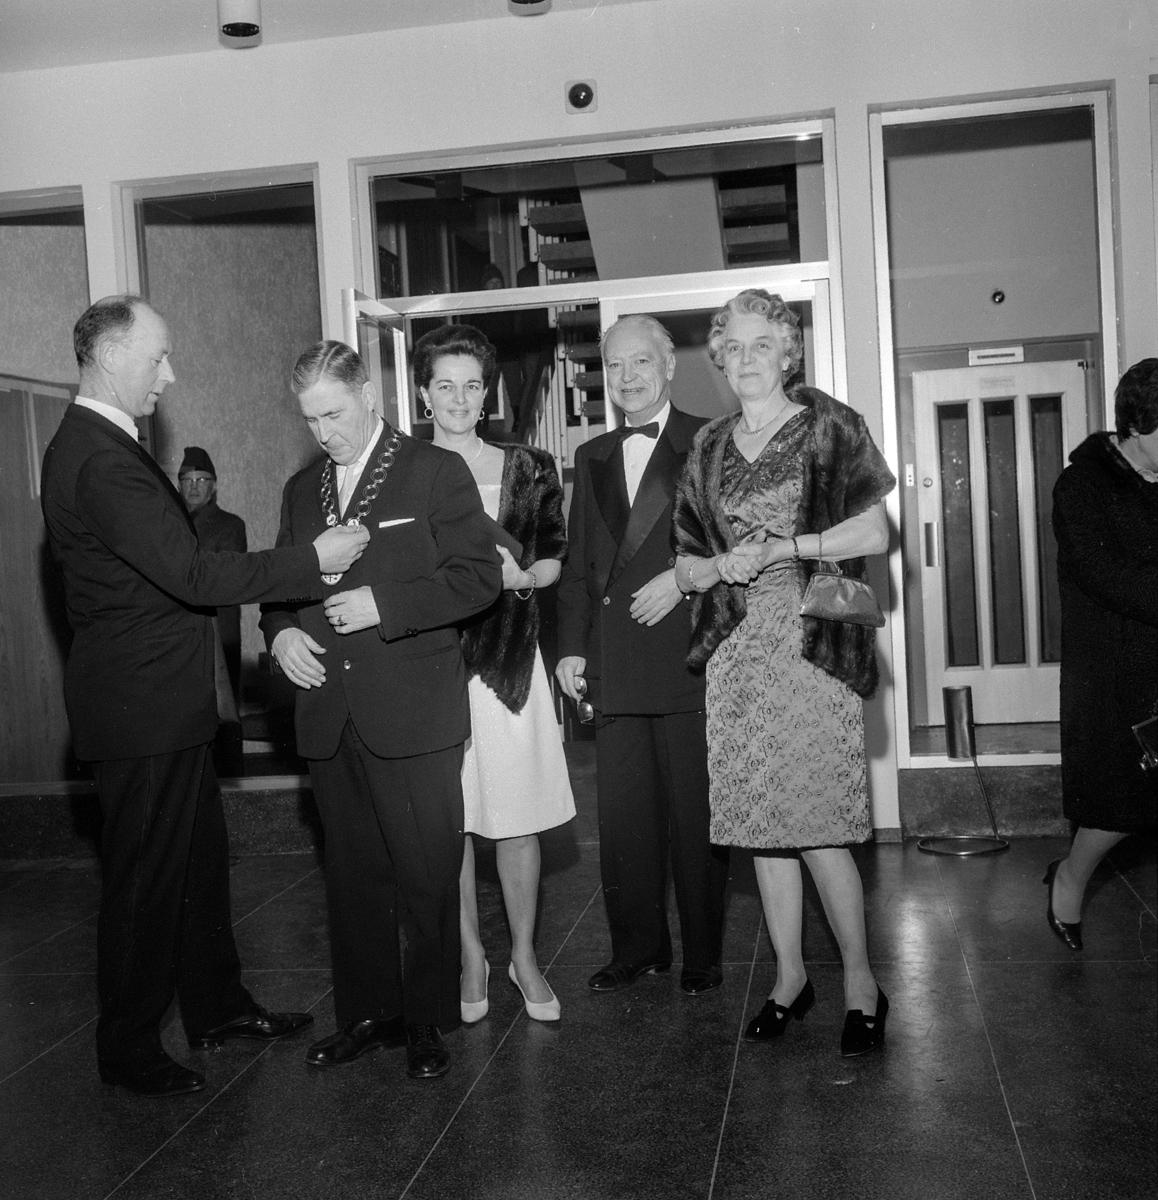 Sagatun kino, Hamar. Åpningsdagen 05.01.1968. Inviterte gjester,   rådmann Tore Sanderud, ordfører Kristian Gundersen,ukjent, Borger Lenth, Eva Kløvstad, f. Jørgensen,